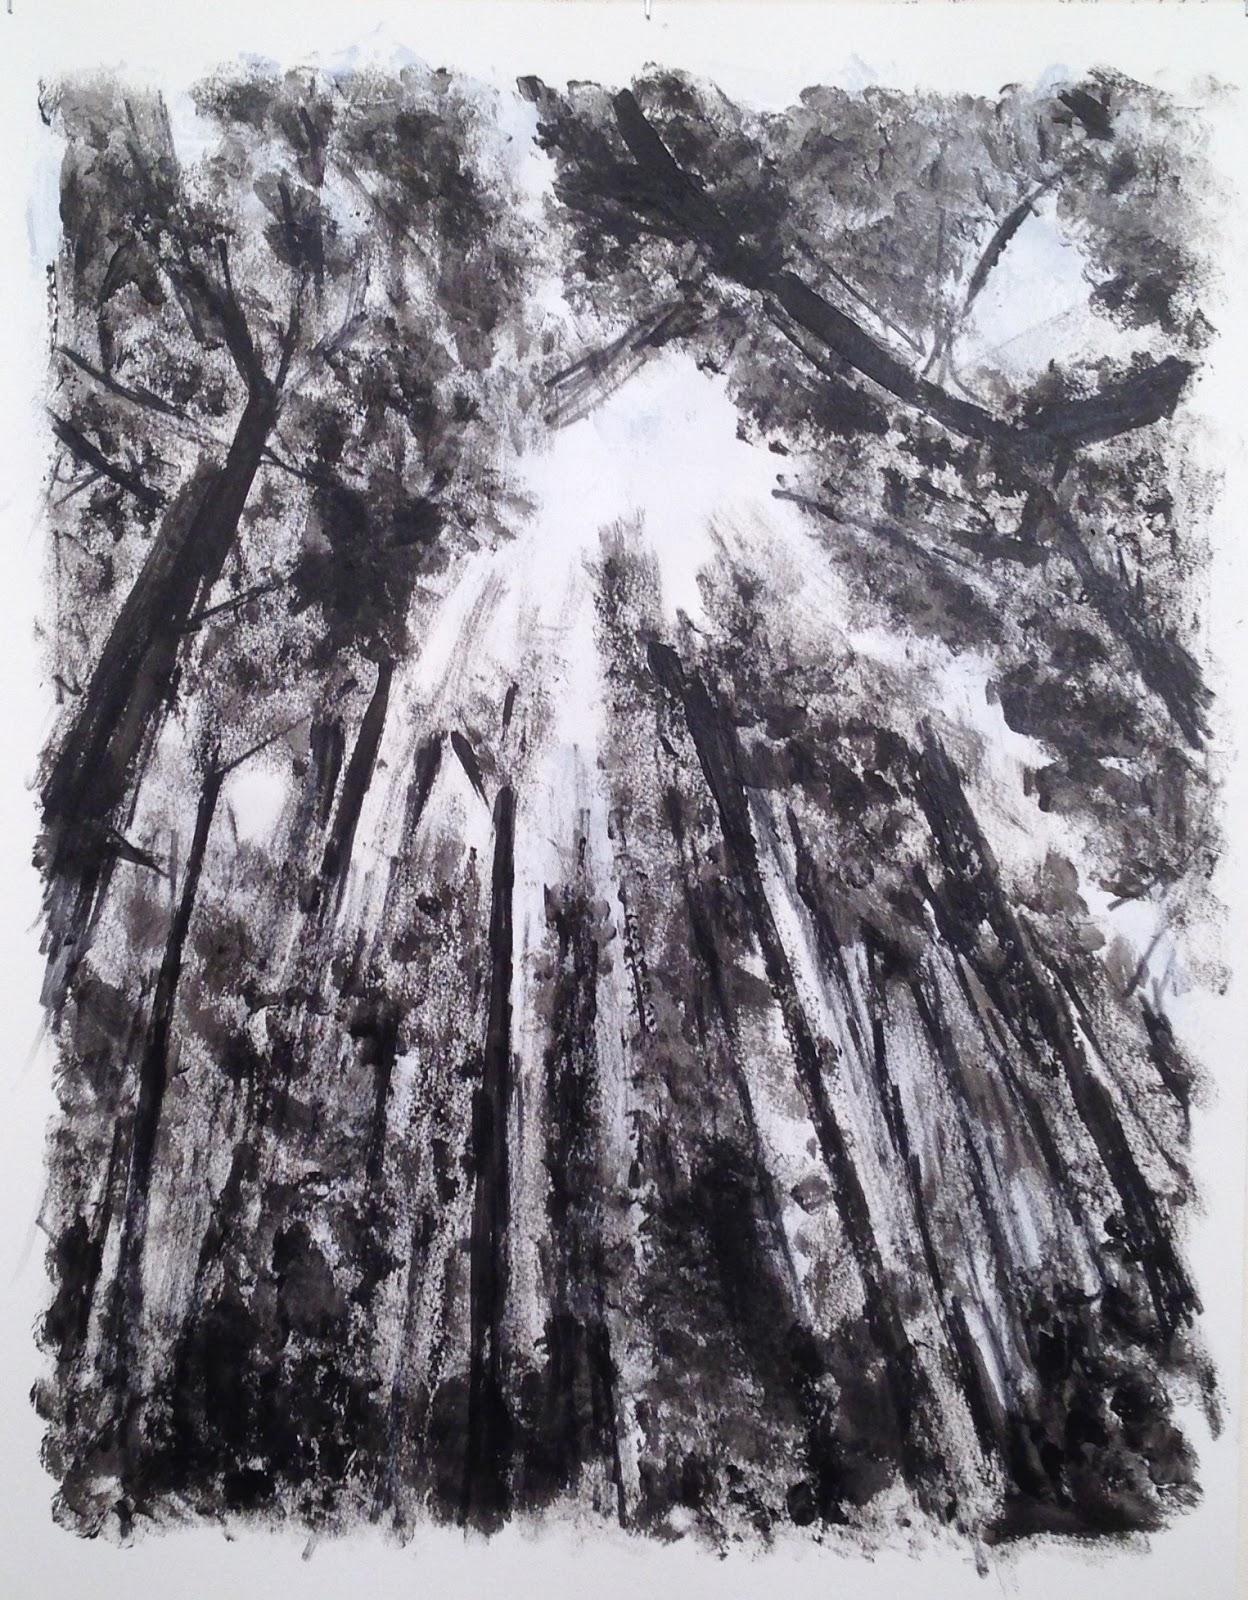 N°3346 - Canopée - Acrylique sur papier - 65 x 50 cm - 20 juin 2017